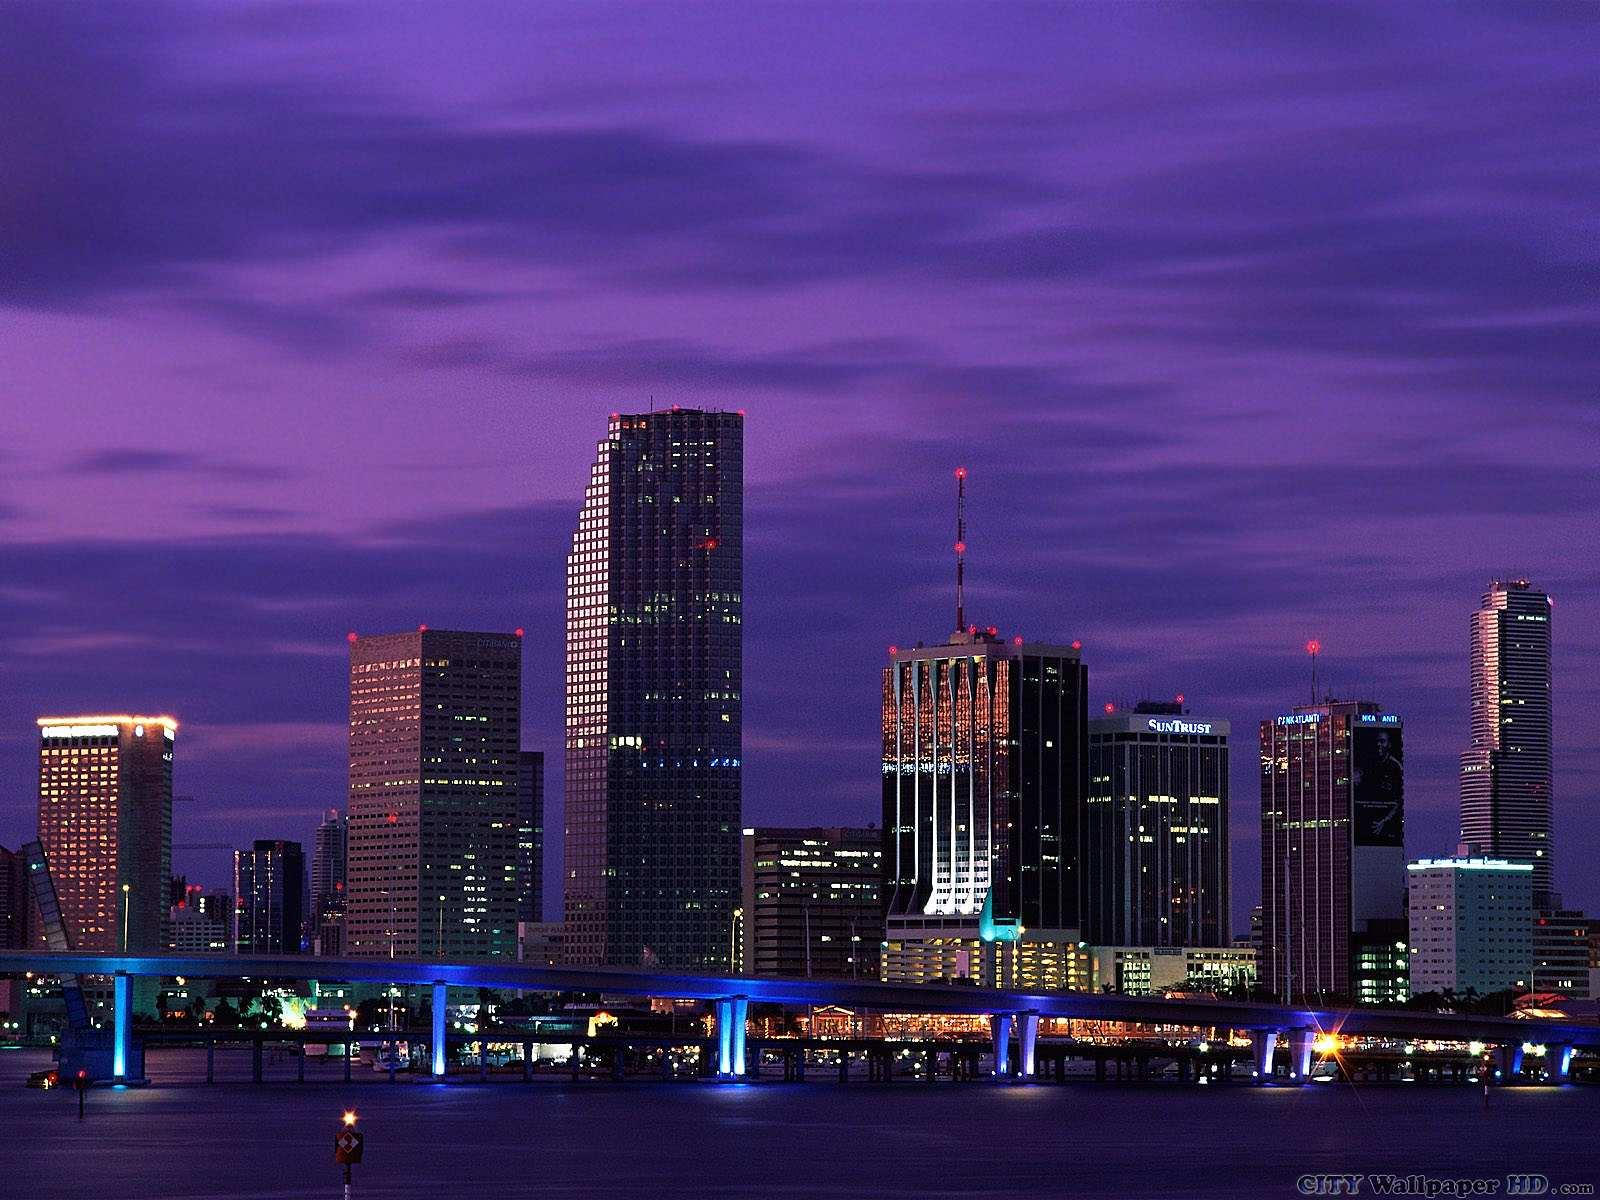 Fond D Ecran Miami Arriere Plans Grand Ecran Tablettes Des Villes Et Des Pays Miami Floride Etats Unis